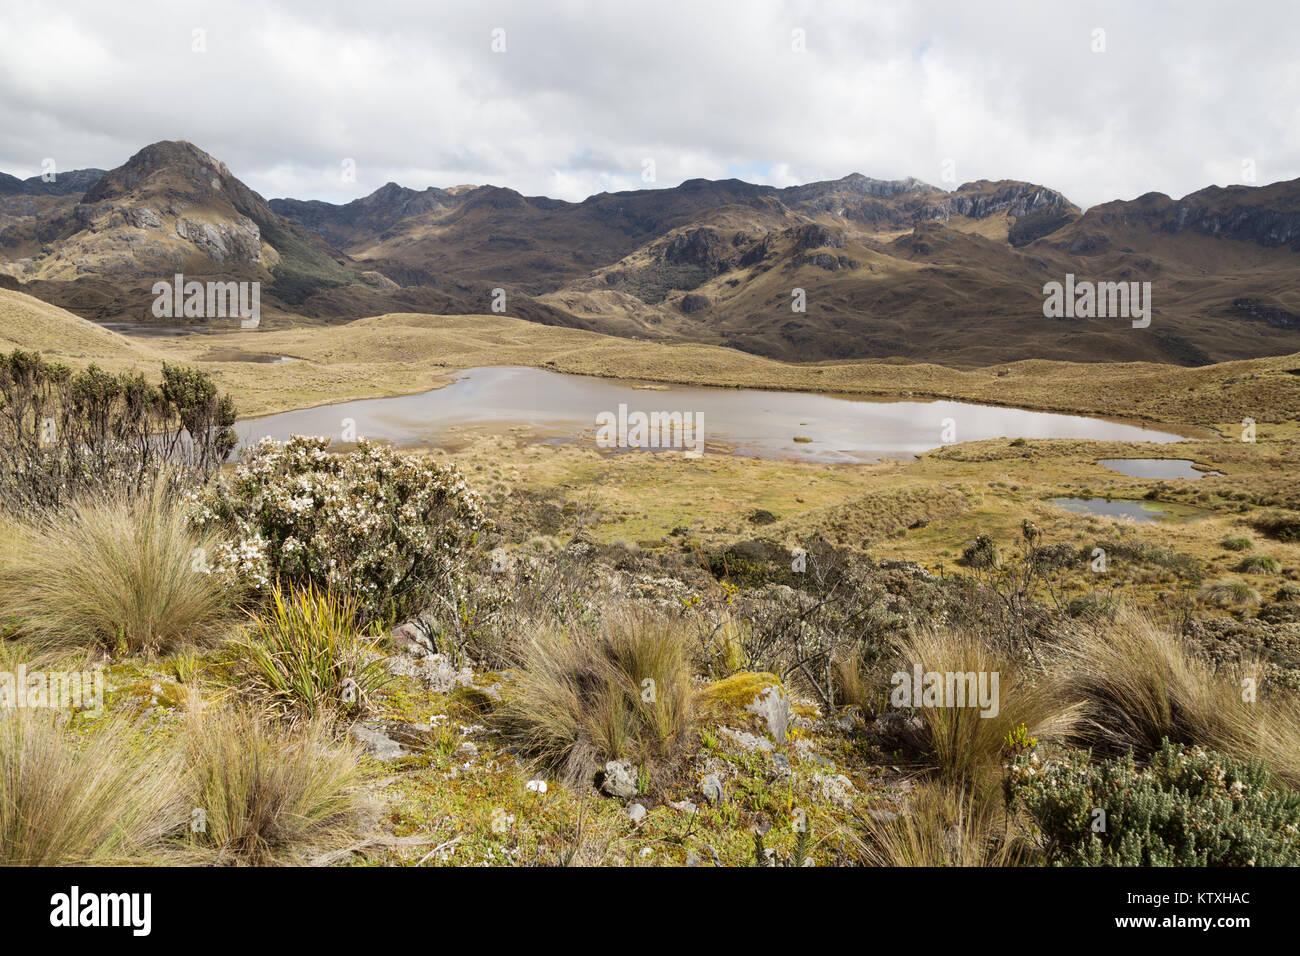 Ecuador Landschaften - El Cajas Nationalpark (Parque Nacional Cajas), Cuenca, Ecuador Südamerika Stockbild